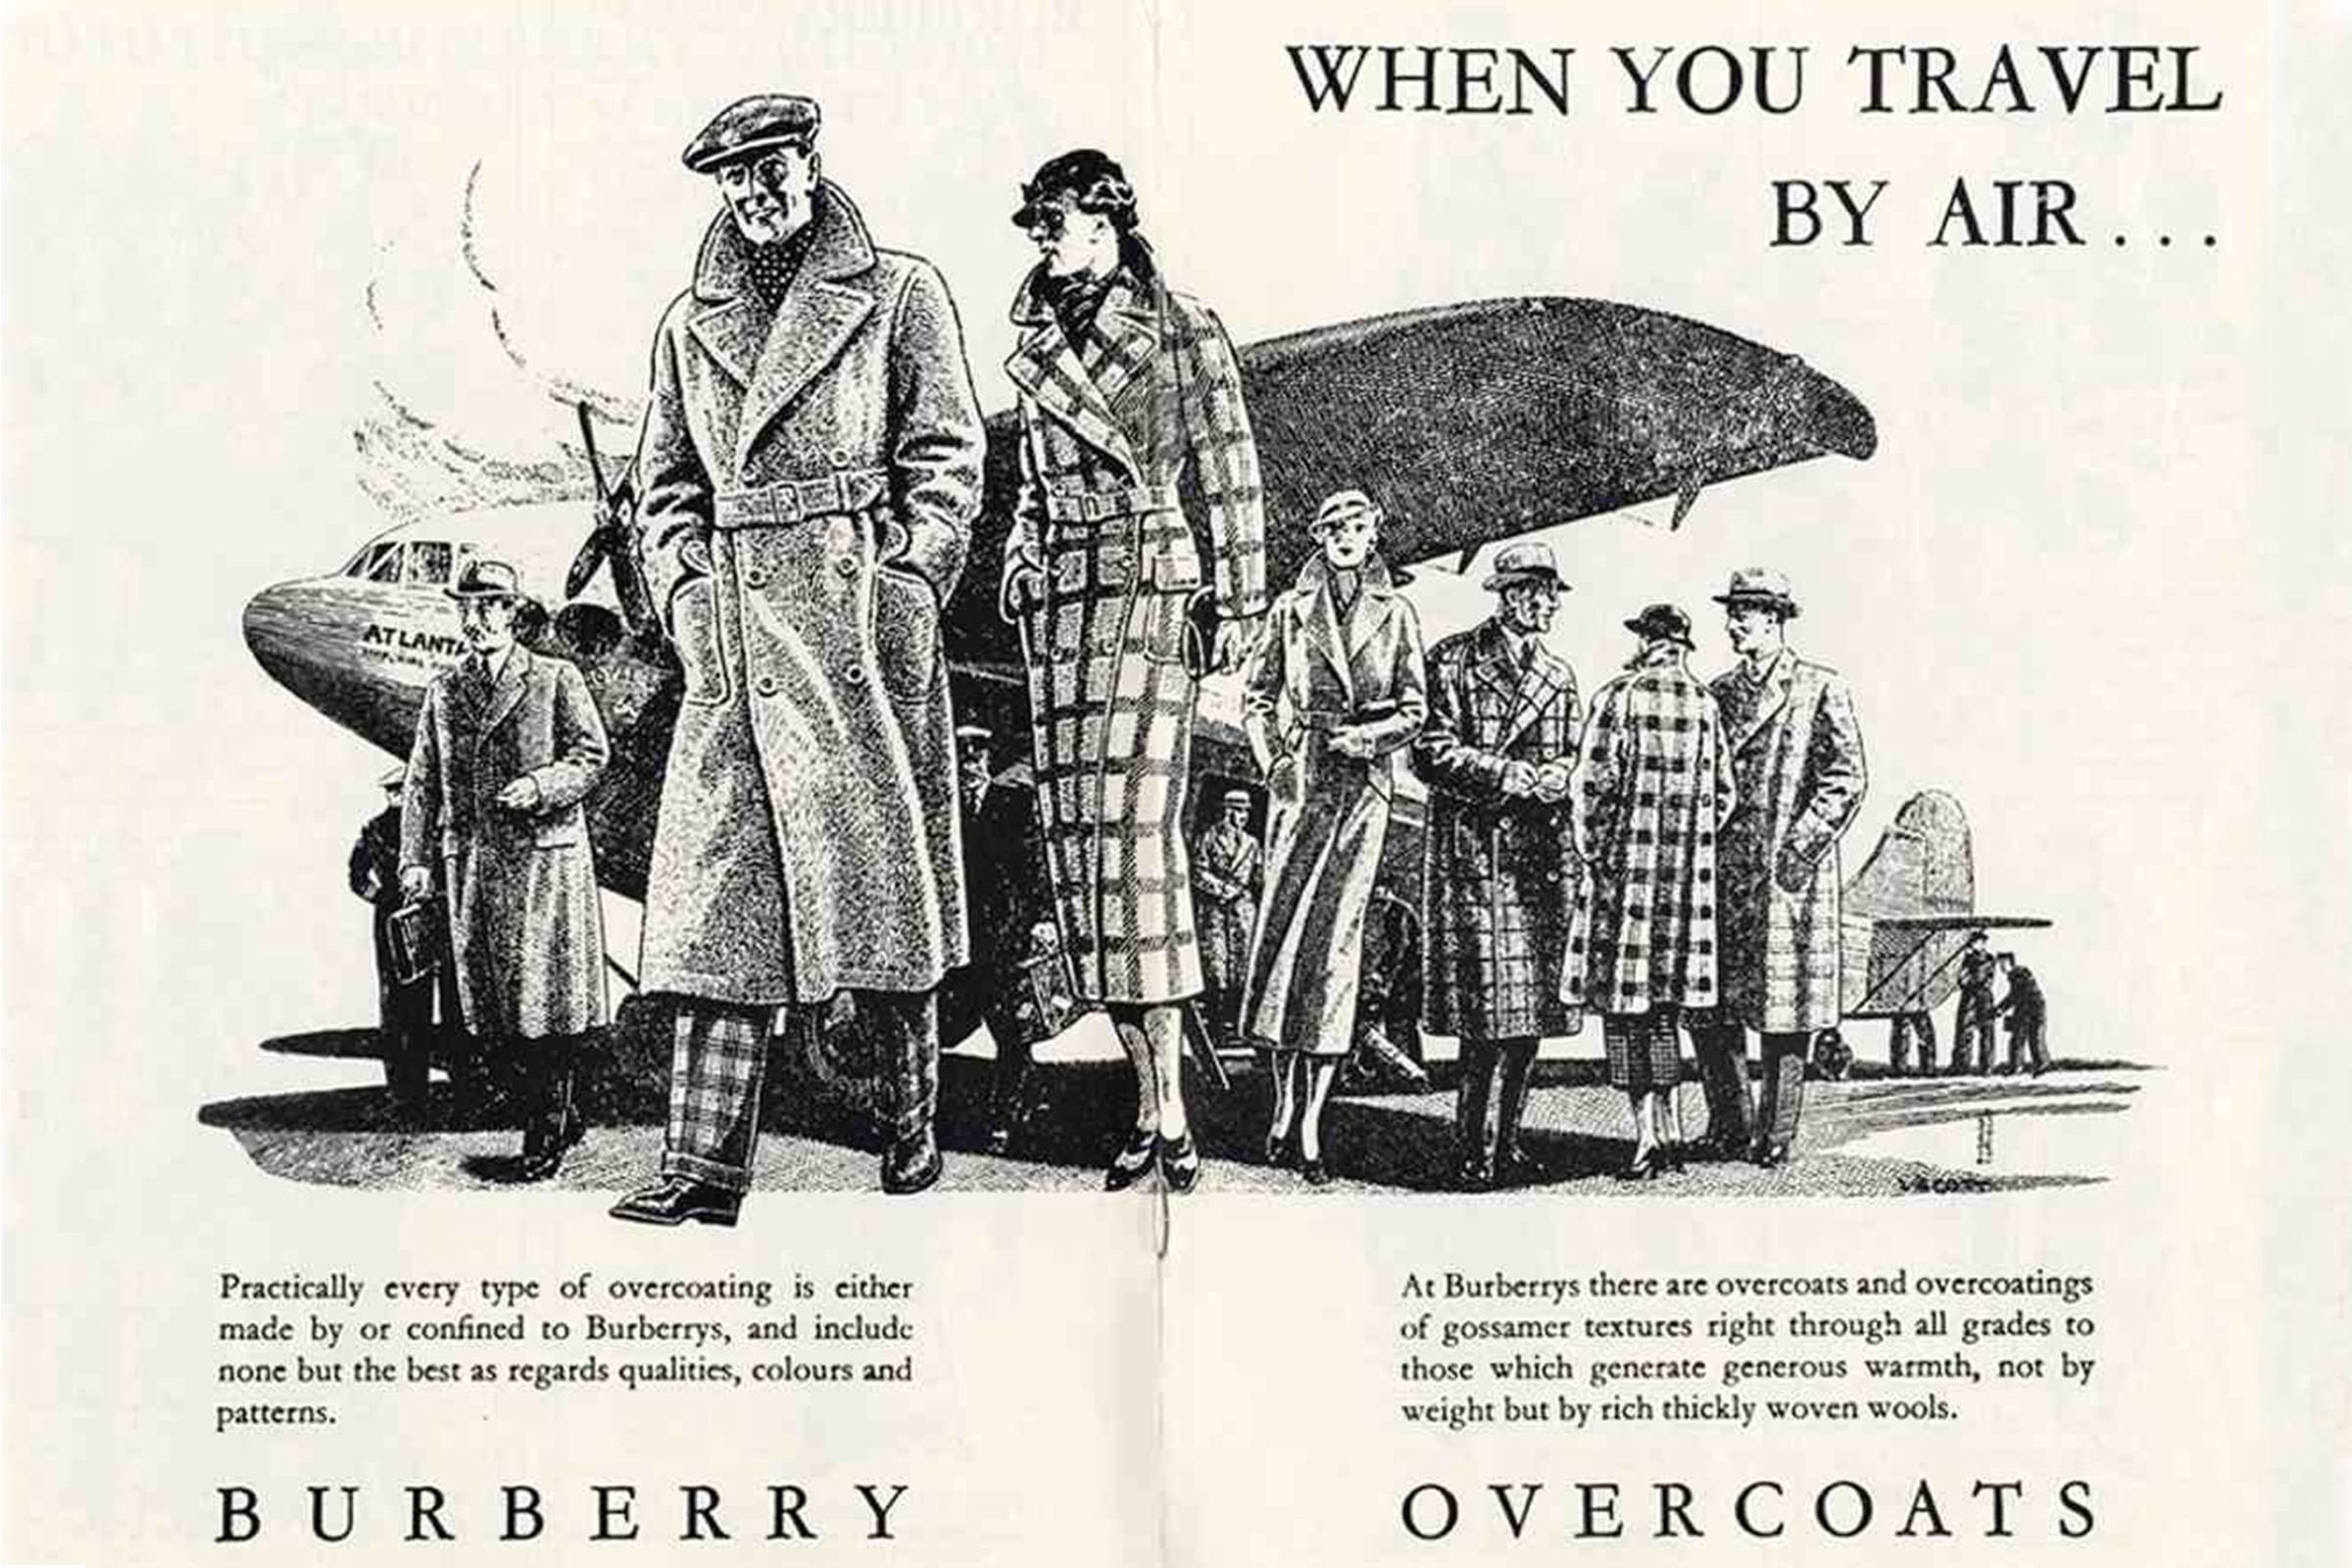 Реклама тренча Burberry времён Первой мировой войны